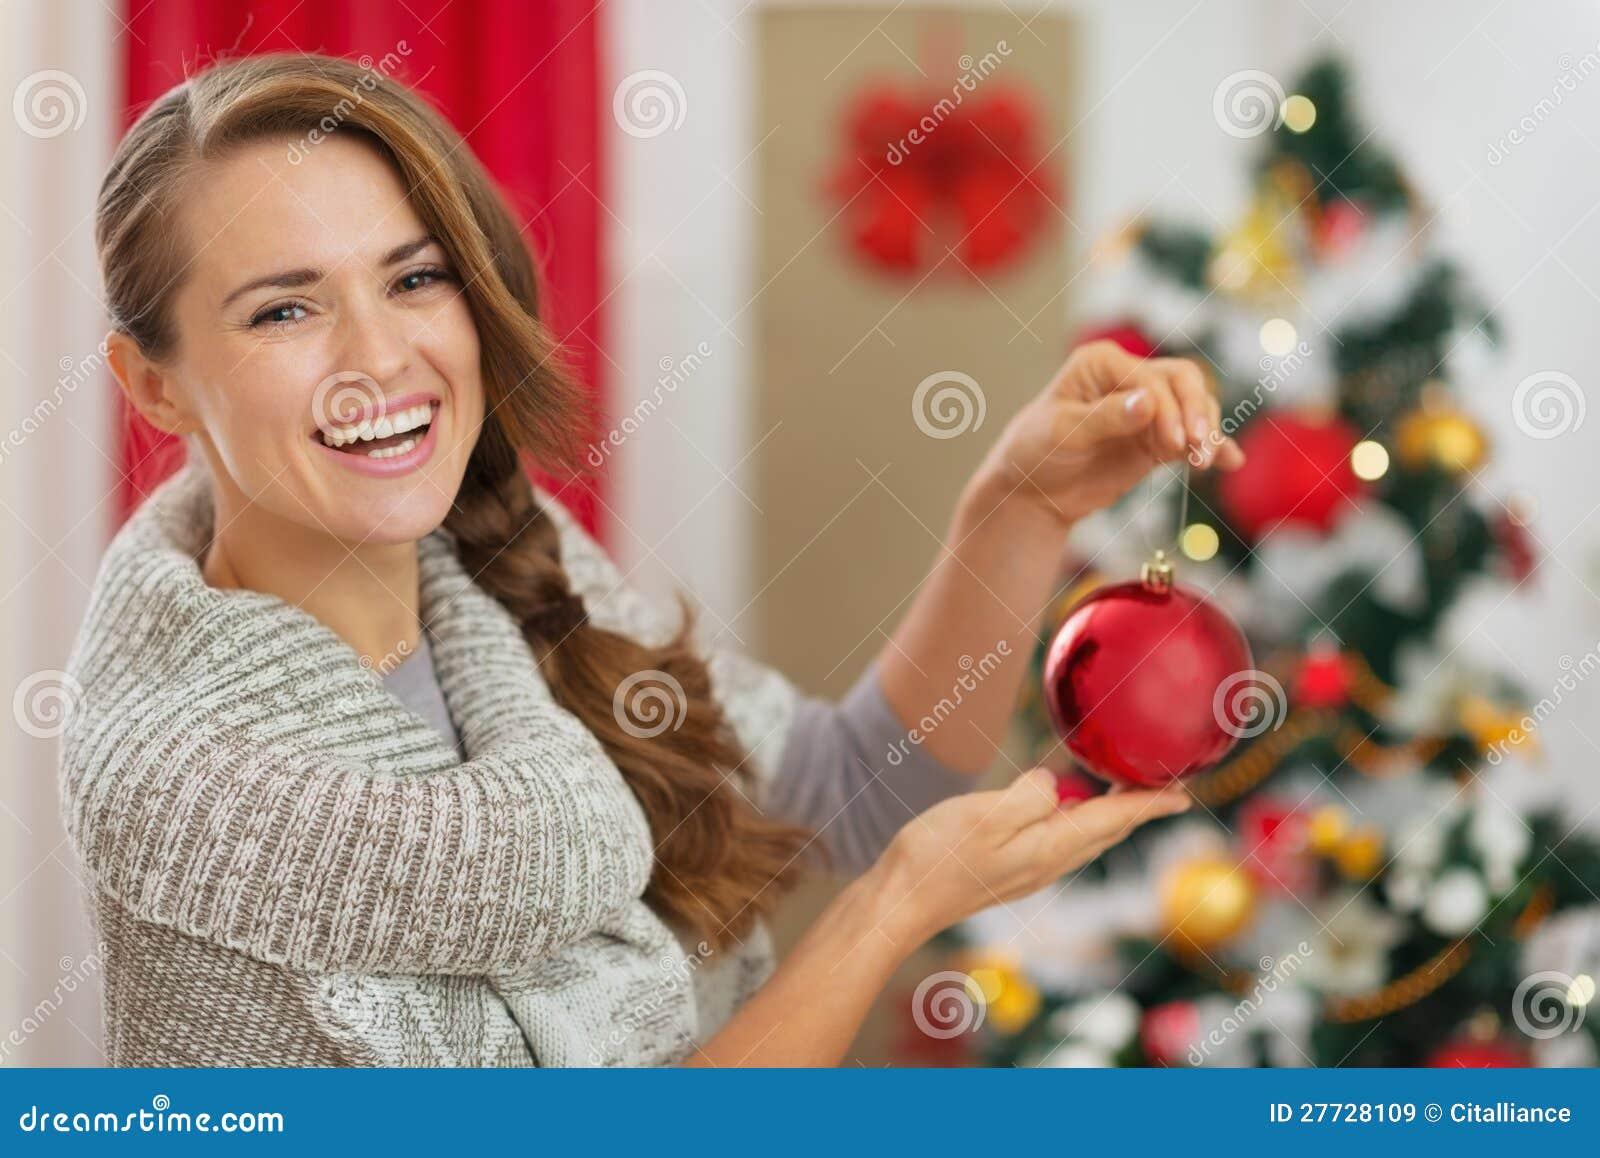 Frau vor Weihnachtsbaum-Holdingkugel